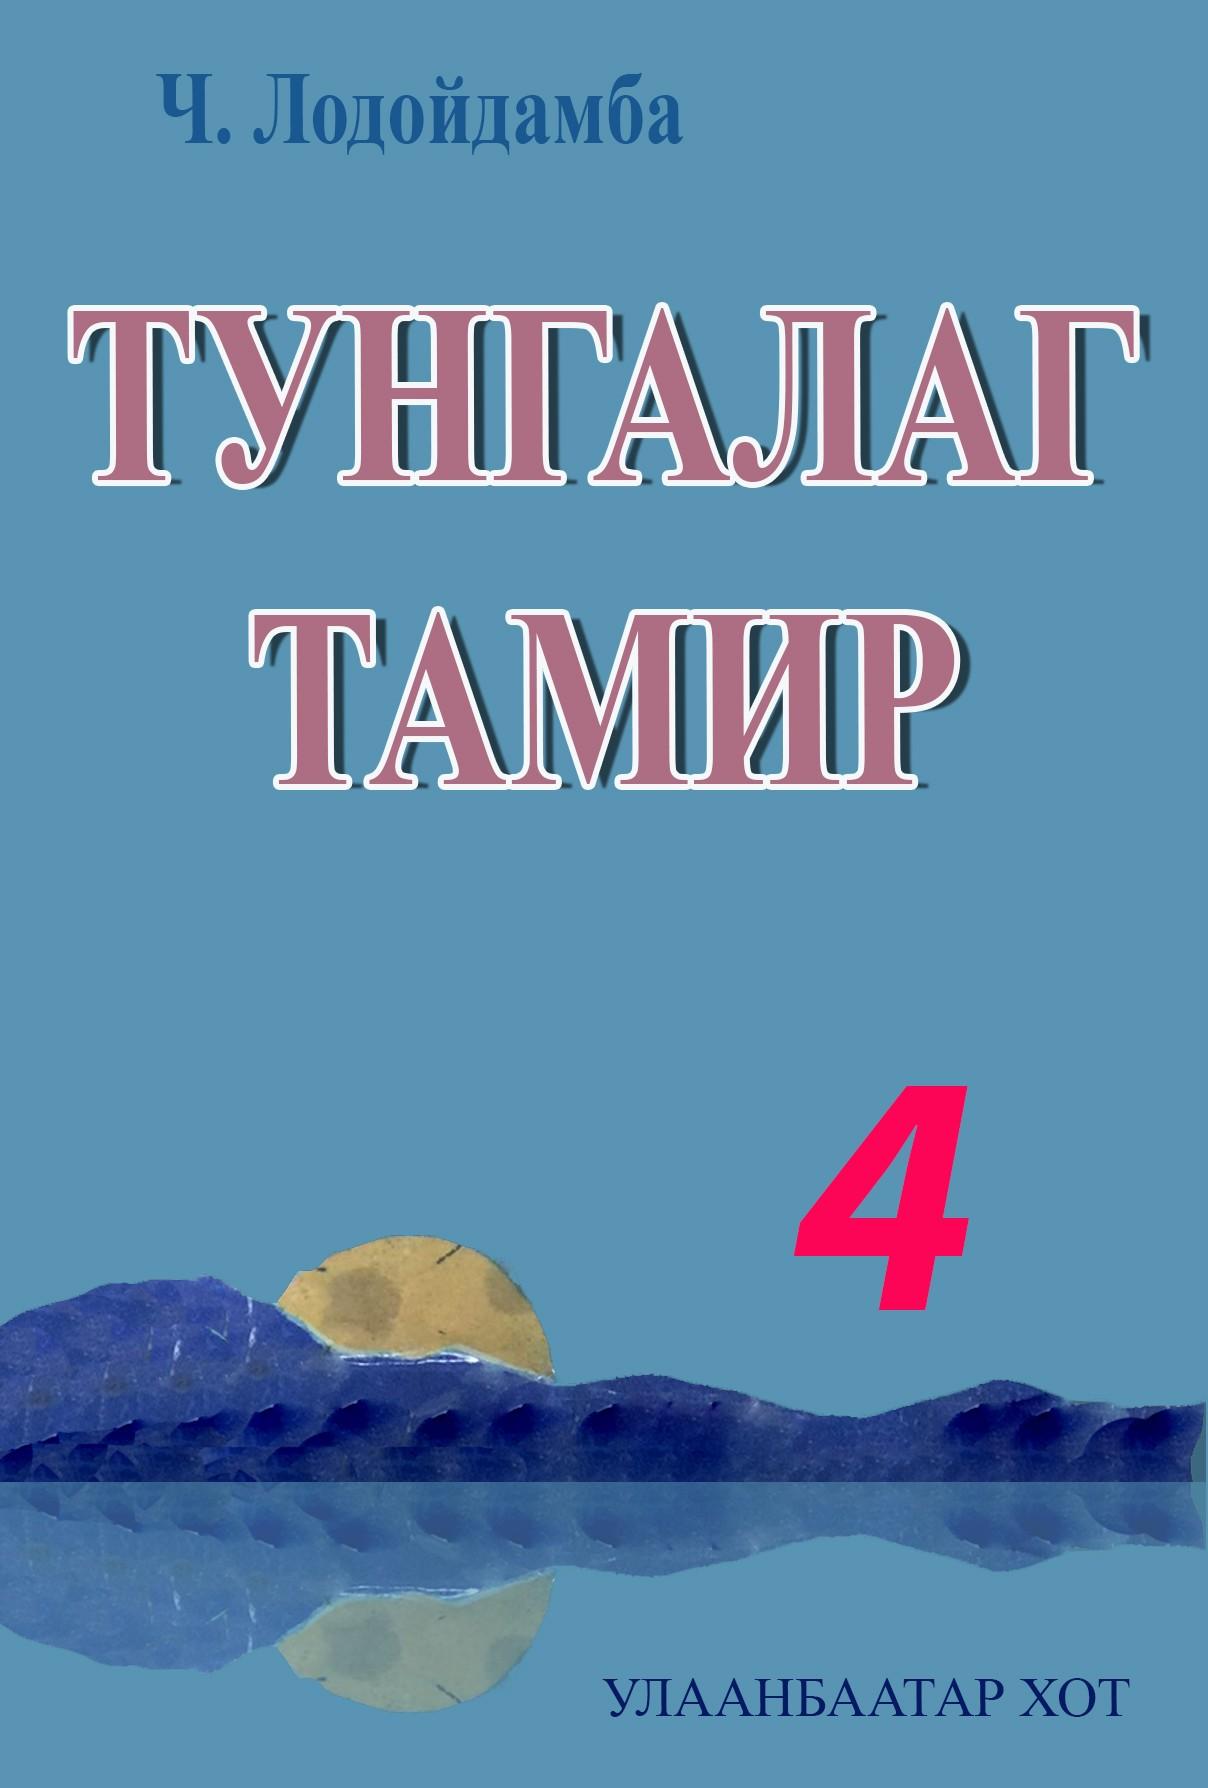 ТУНГАЛАГ ТАМИР 4